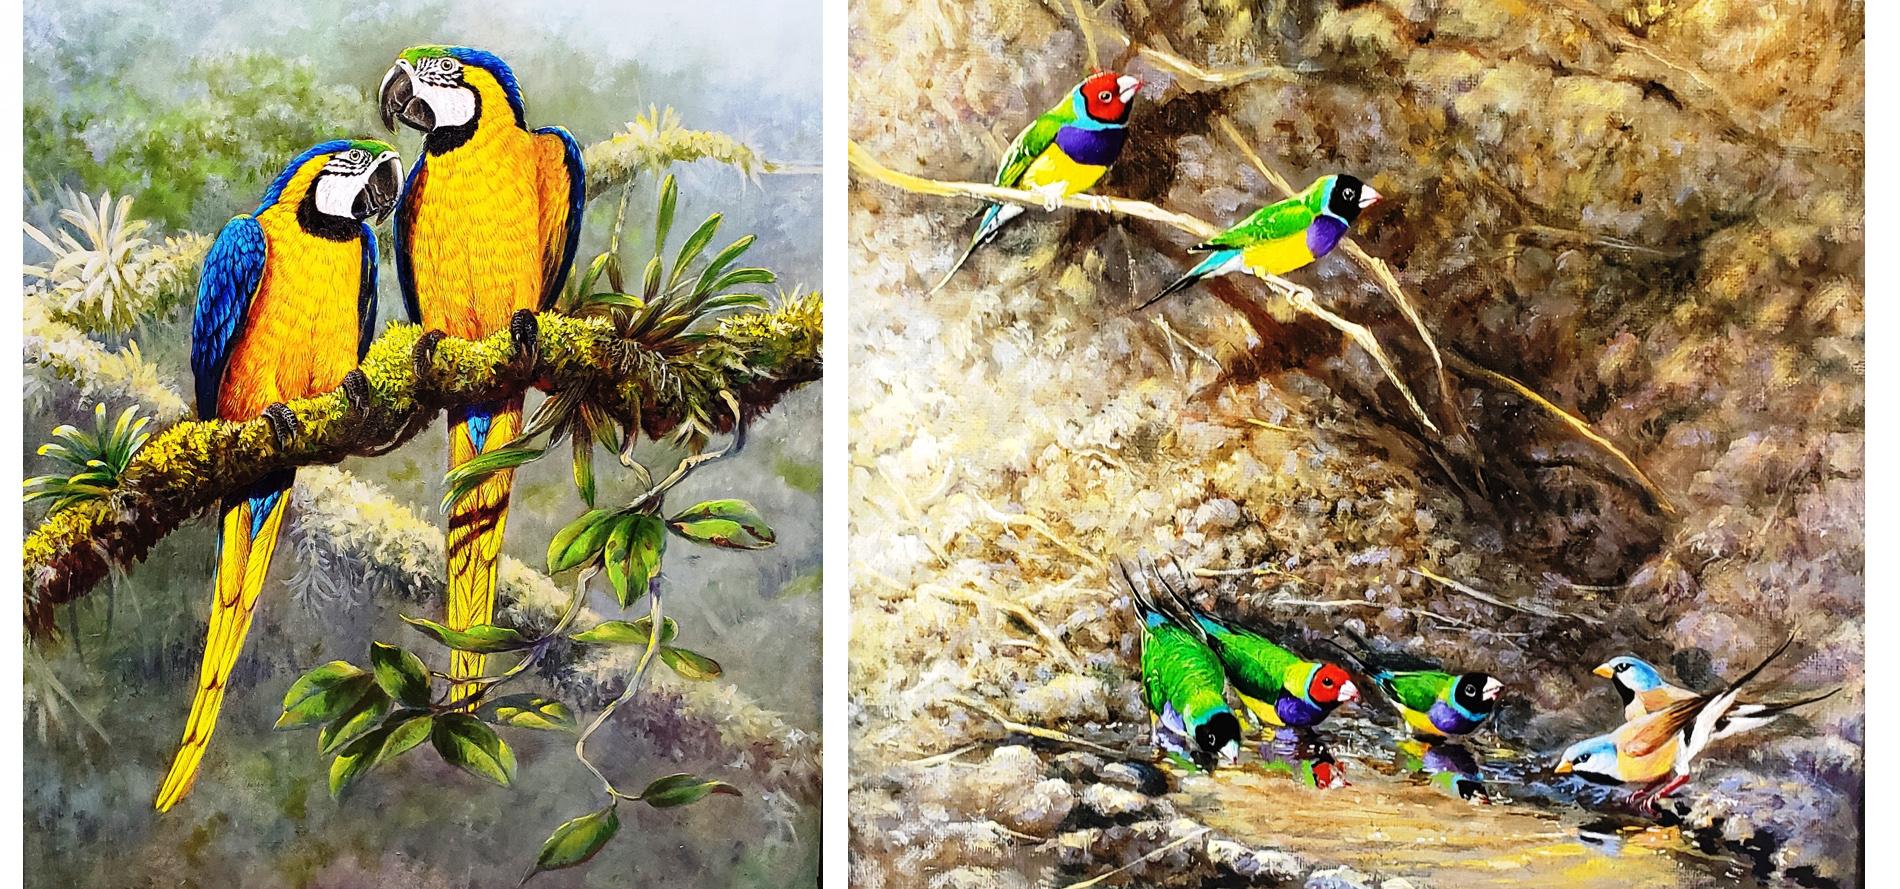 Gamini Ratnavira's Brushes with Nature